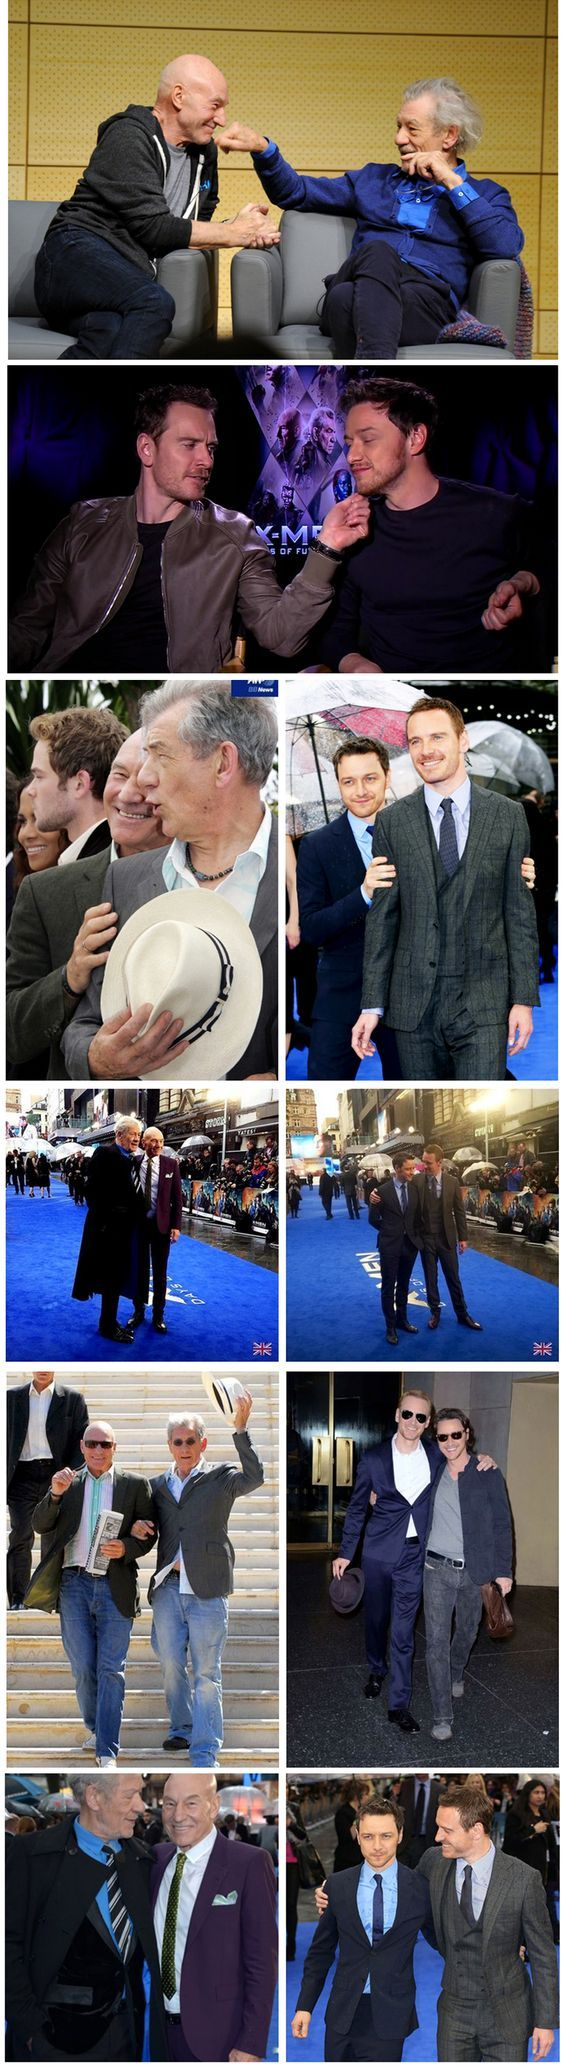 X-Men: Days of Future Past   James McAvoy, Michael Fassbender, Ian McKellen & Patrick Stewart